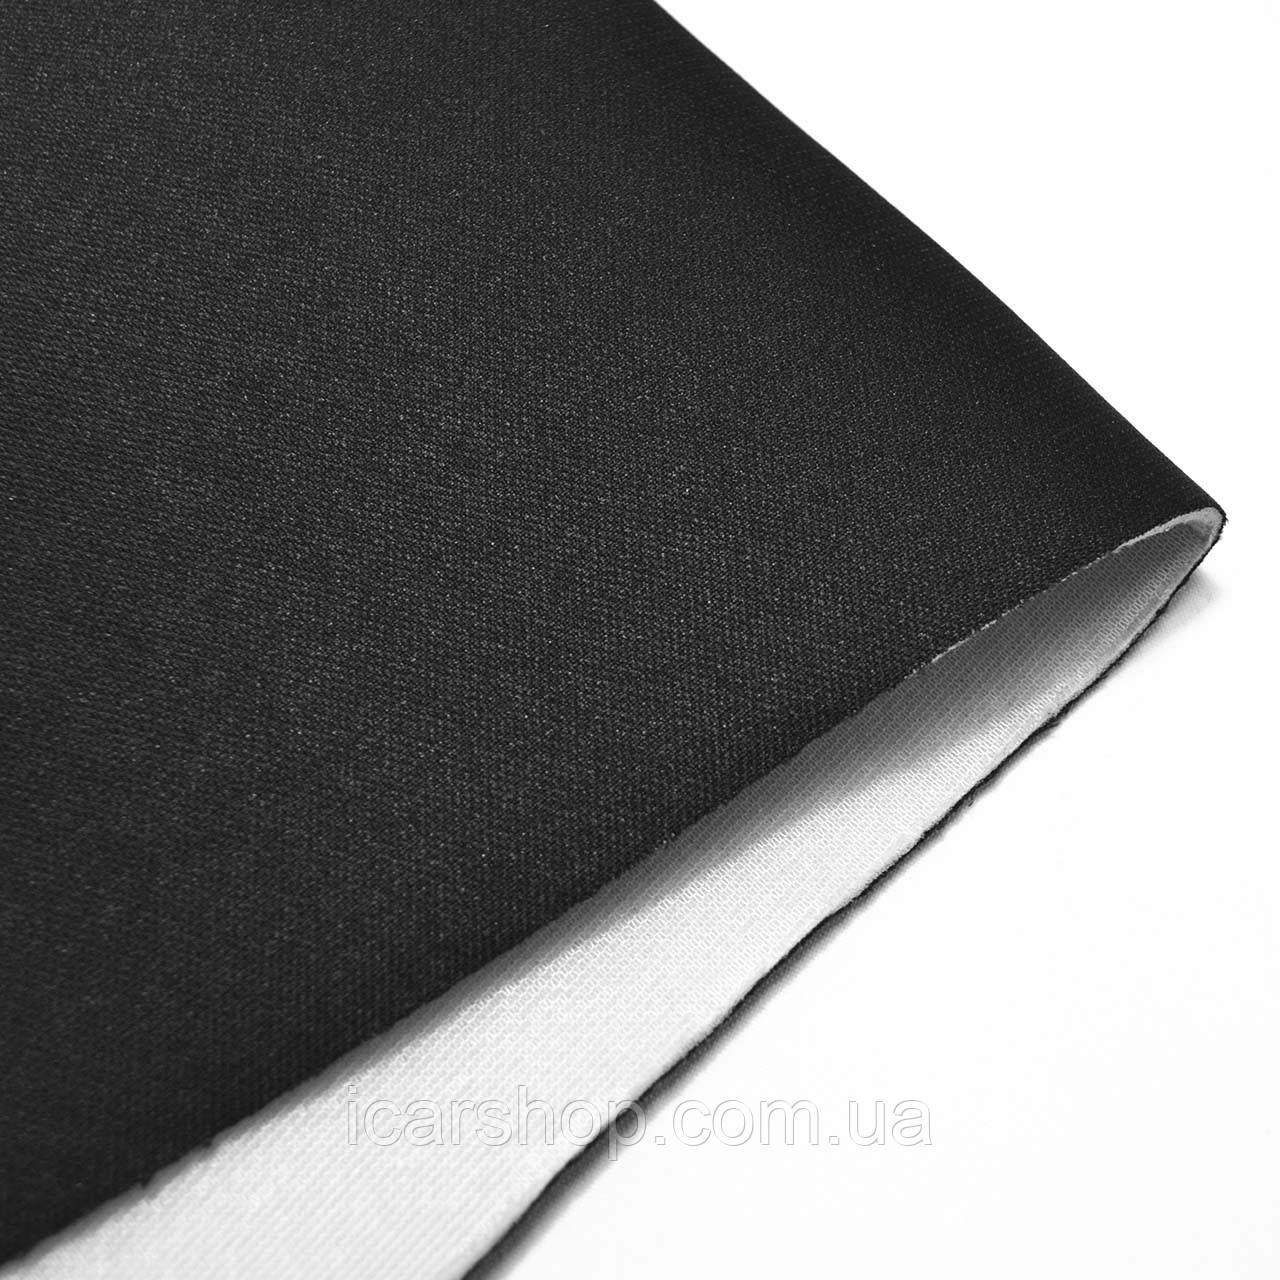 Тканина 304 (1,8 м) чорна / На поролоні 2мм